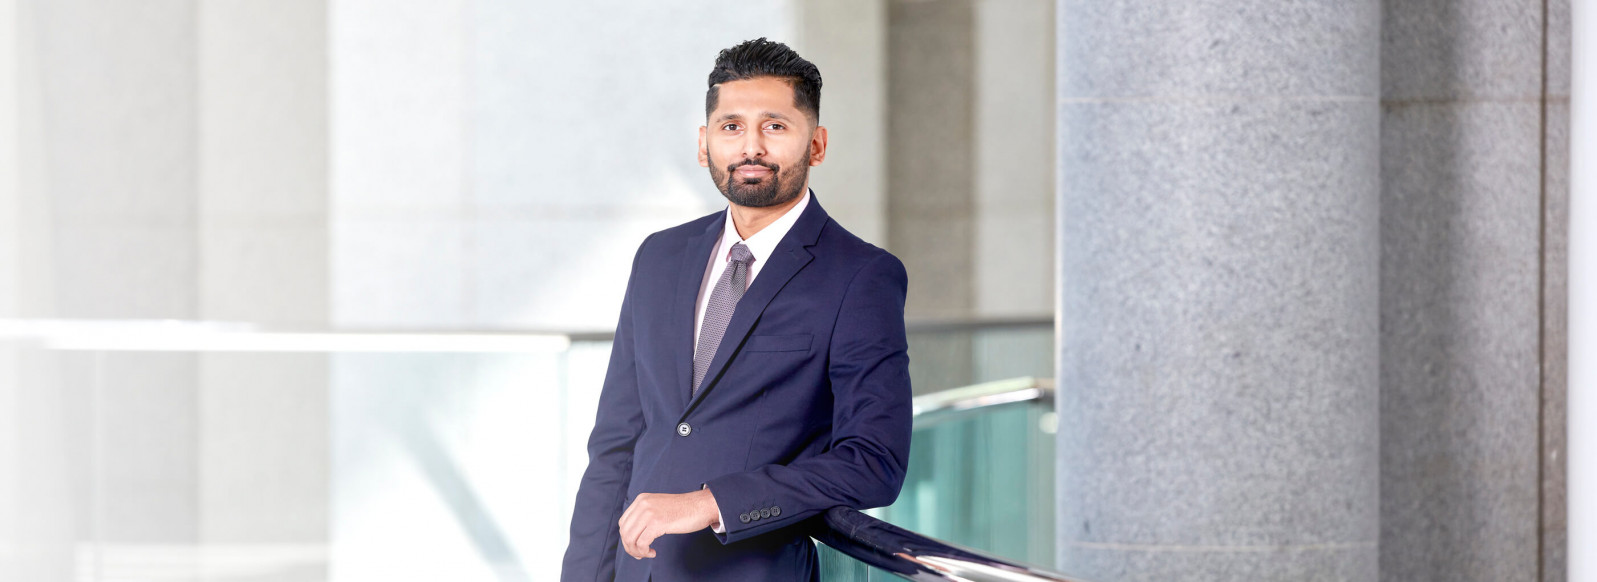 Sameer Ali